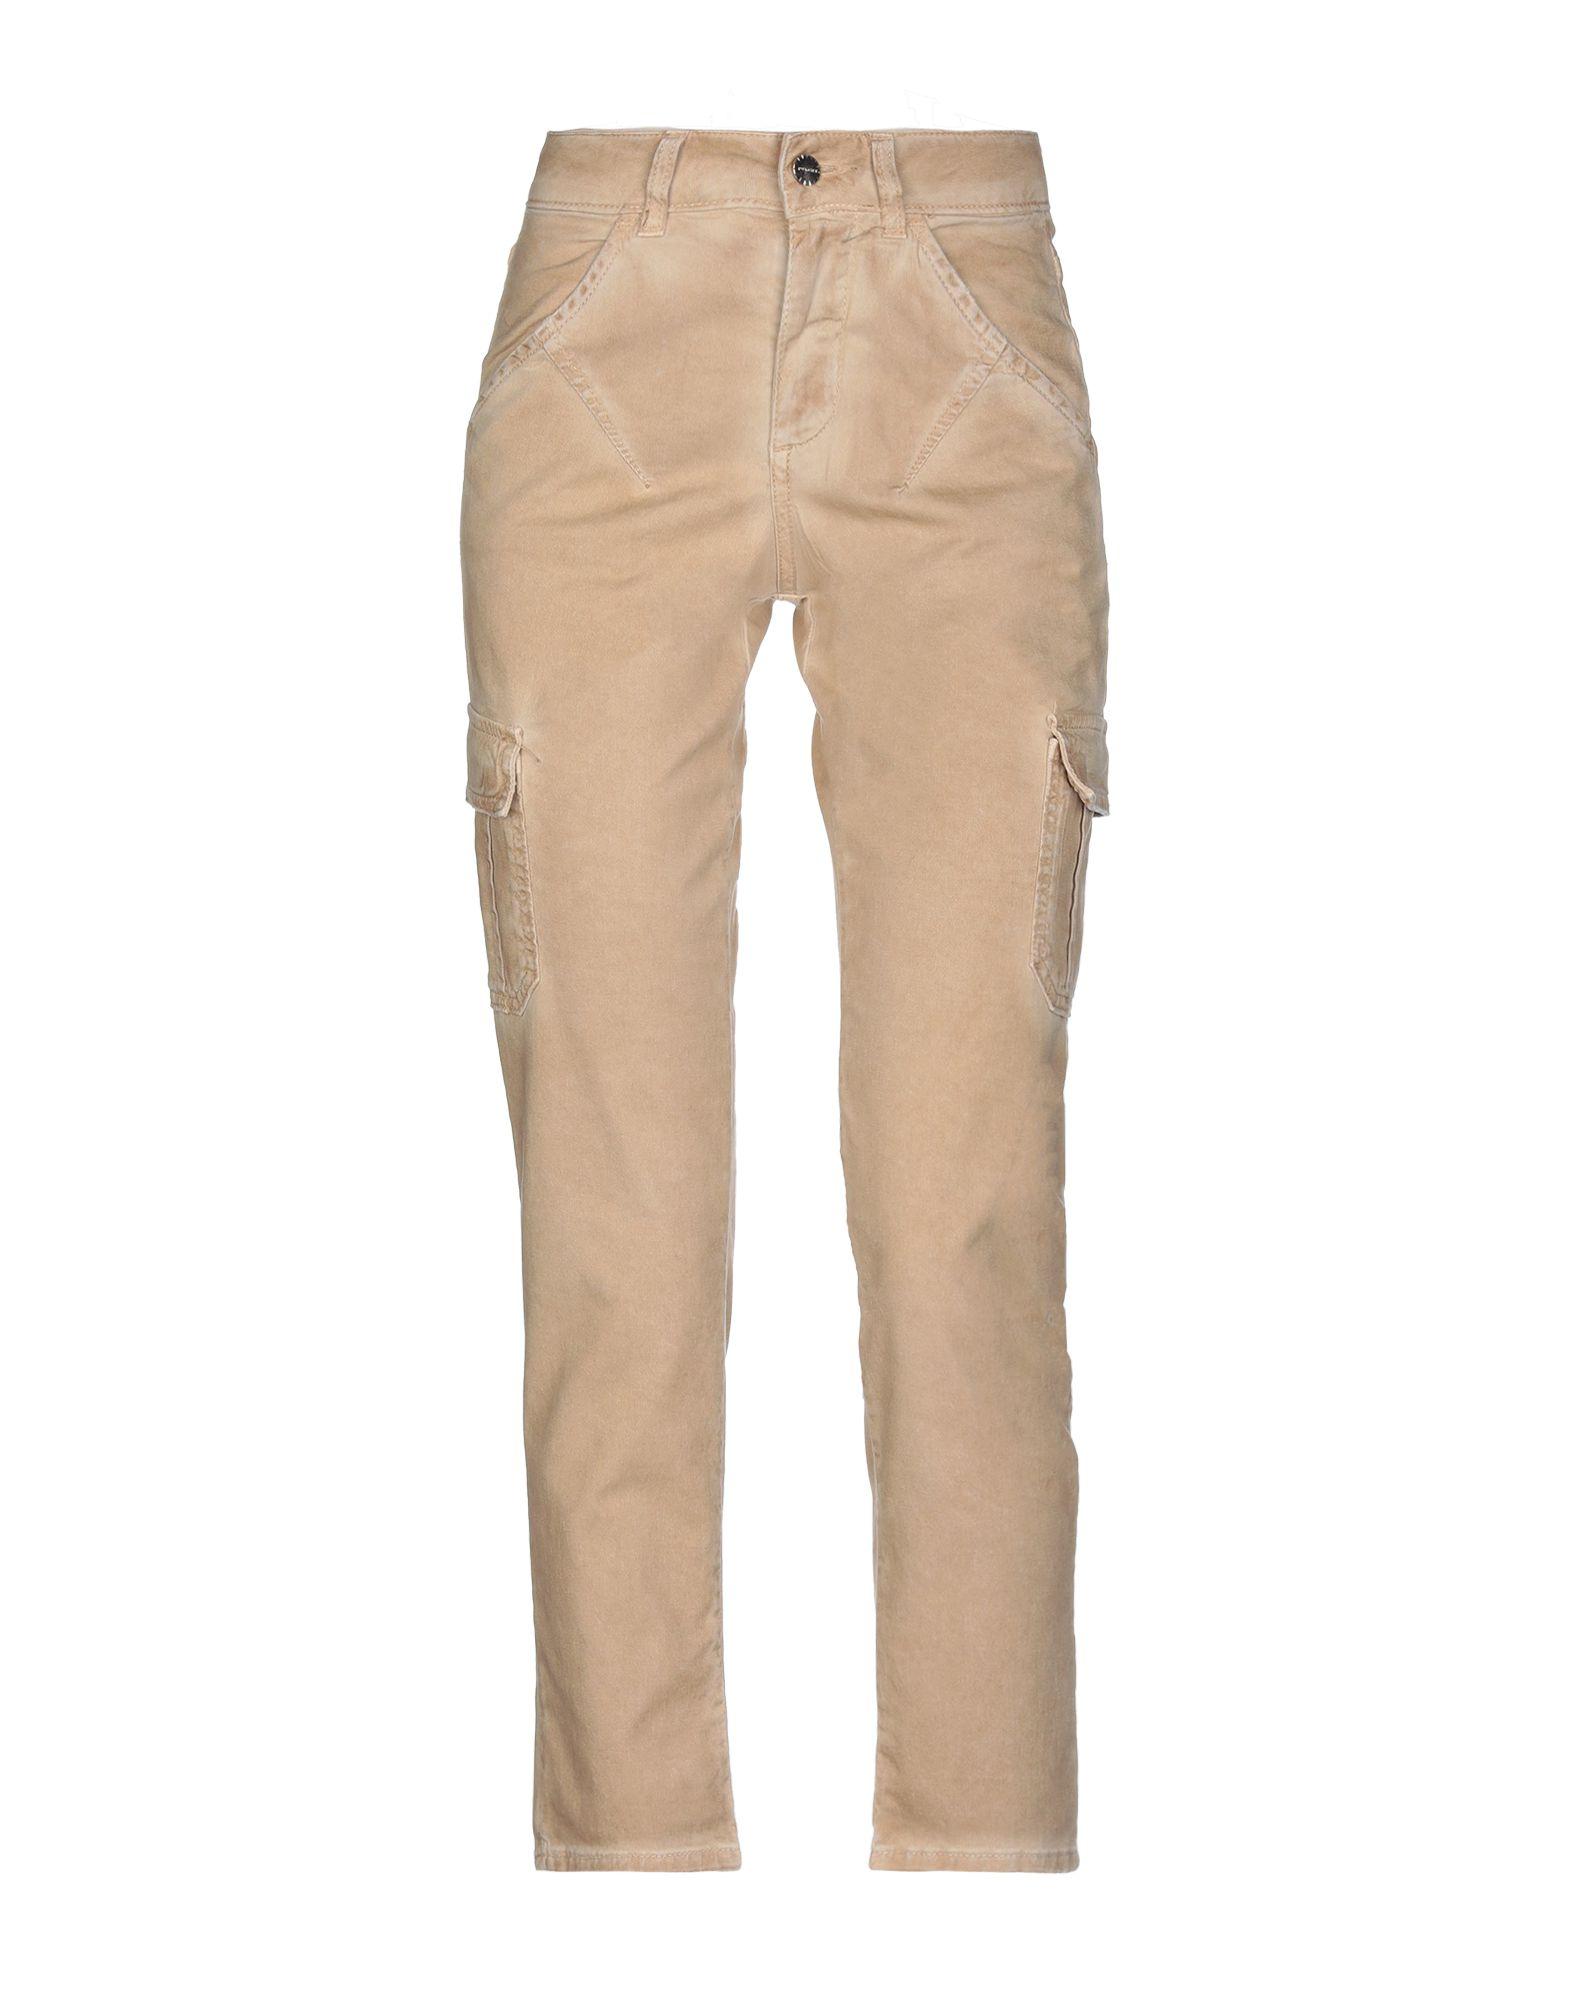 Pantalone Twinset donna - 13260812OC 13260812OC  Bestellen Sie jetzt die niedrigsten Preise